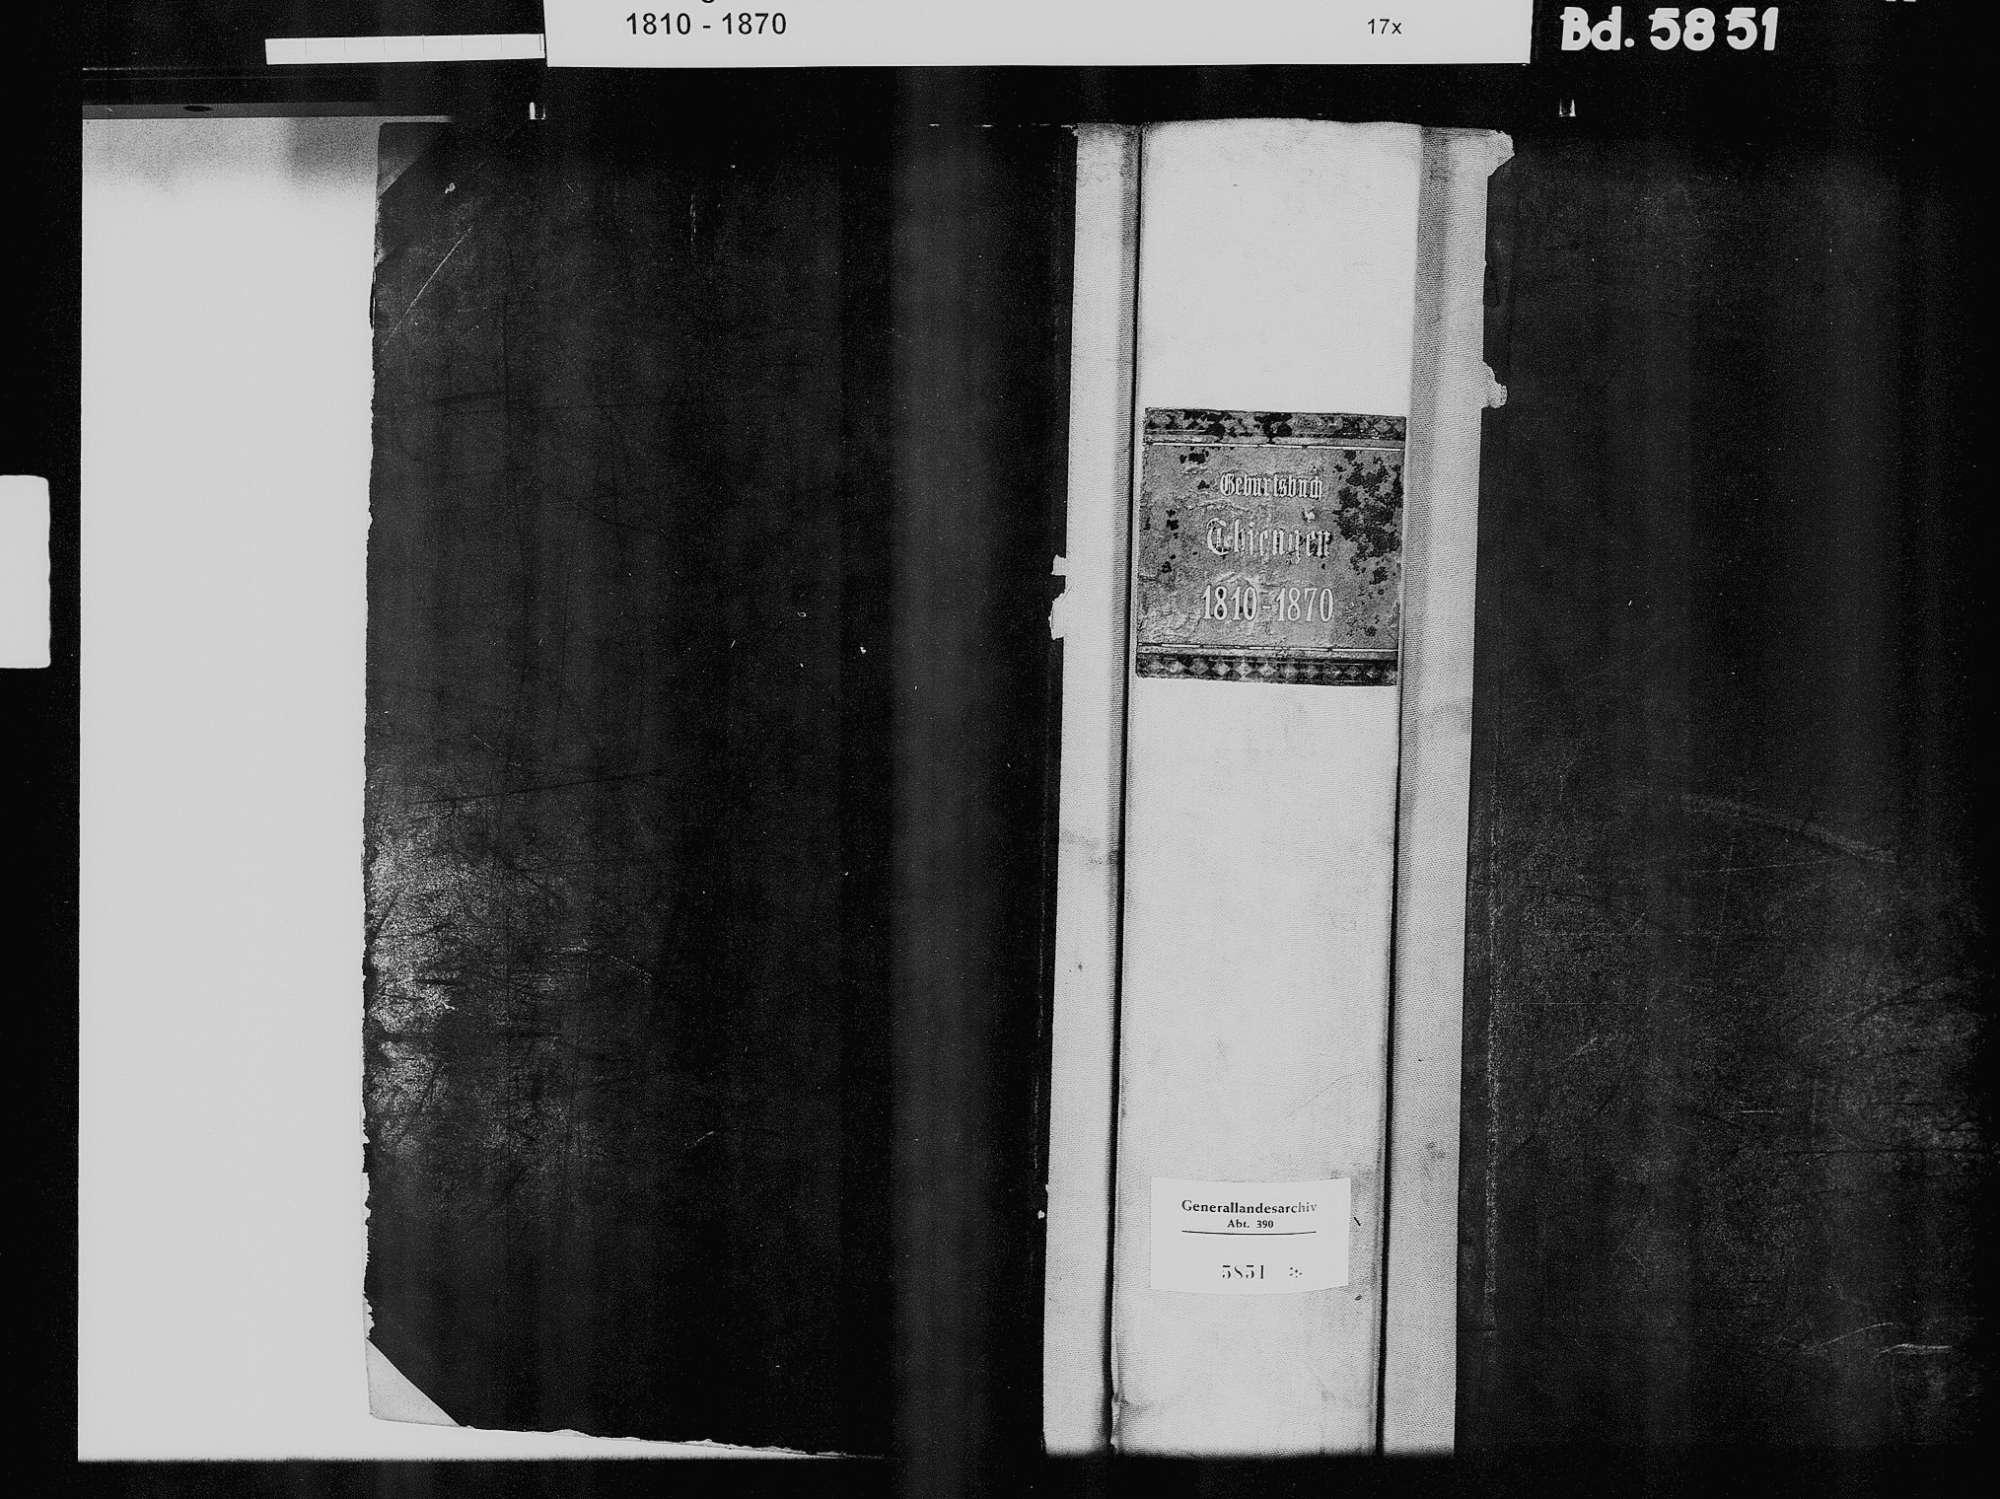 Tiengen/Hochrhein, Waldshut-Tiengen WT; Katholische Gemeinde: Geburtenbuch 1790-1791, 1808-1869 Tiengen/Hochrhein, Waldshut-Tiengen WT; Katholische Gemeinde: Sterbebuch 1845 Tiengen/Hochrhein, Waldshut-Tiengen WT; Israelitische Gemeinde: Geburtsbuch 1821-1822, 1829, Bild 2